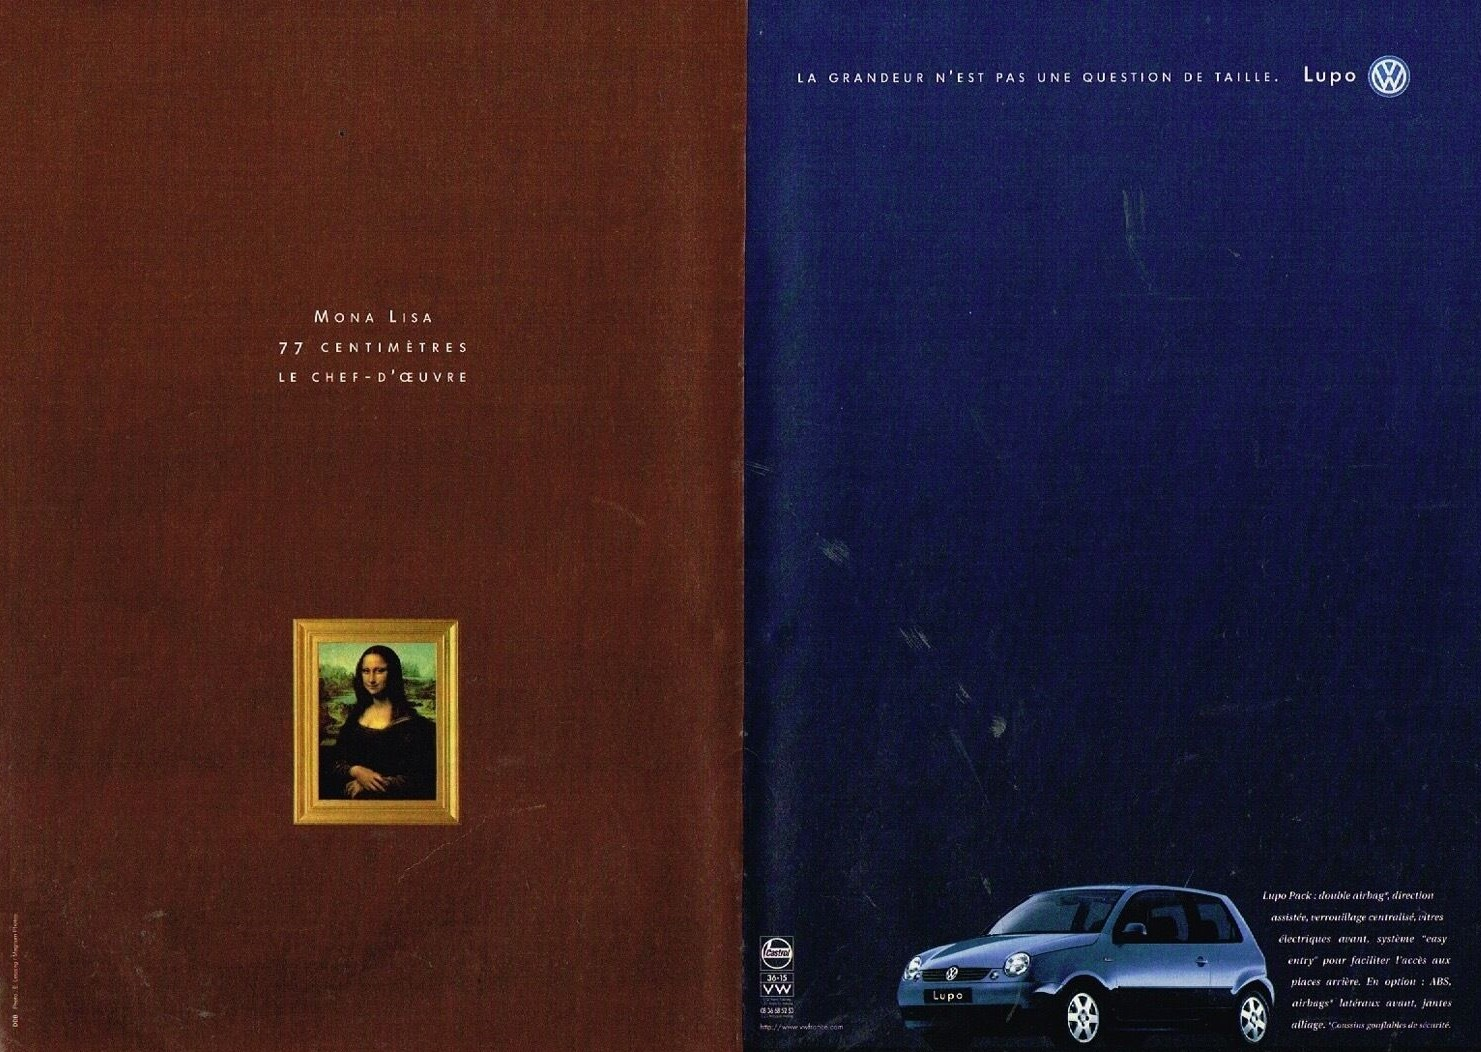 1998 Volkswagen Lupo avec Mona Lisa